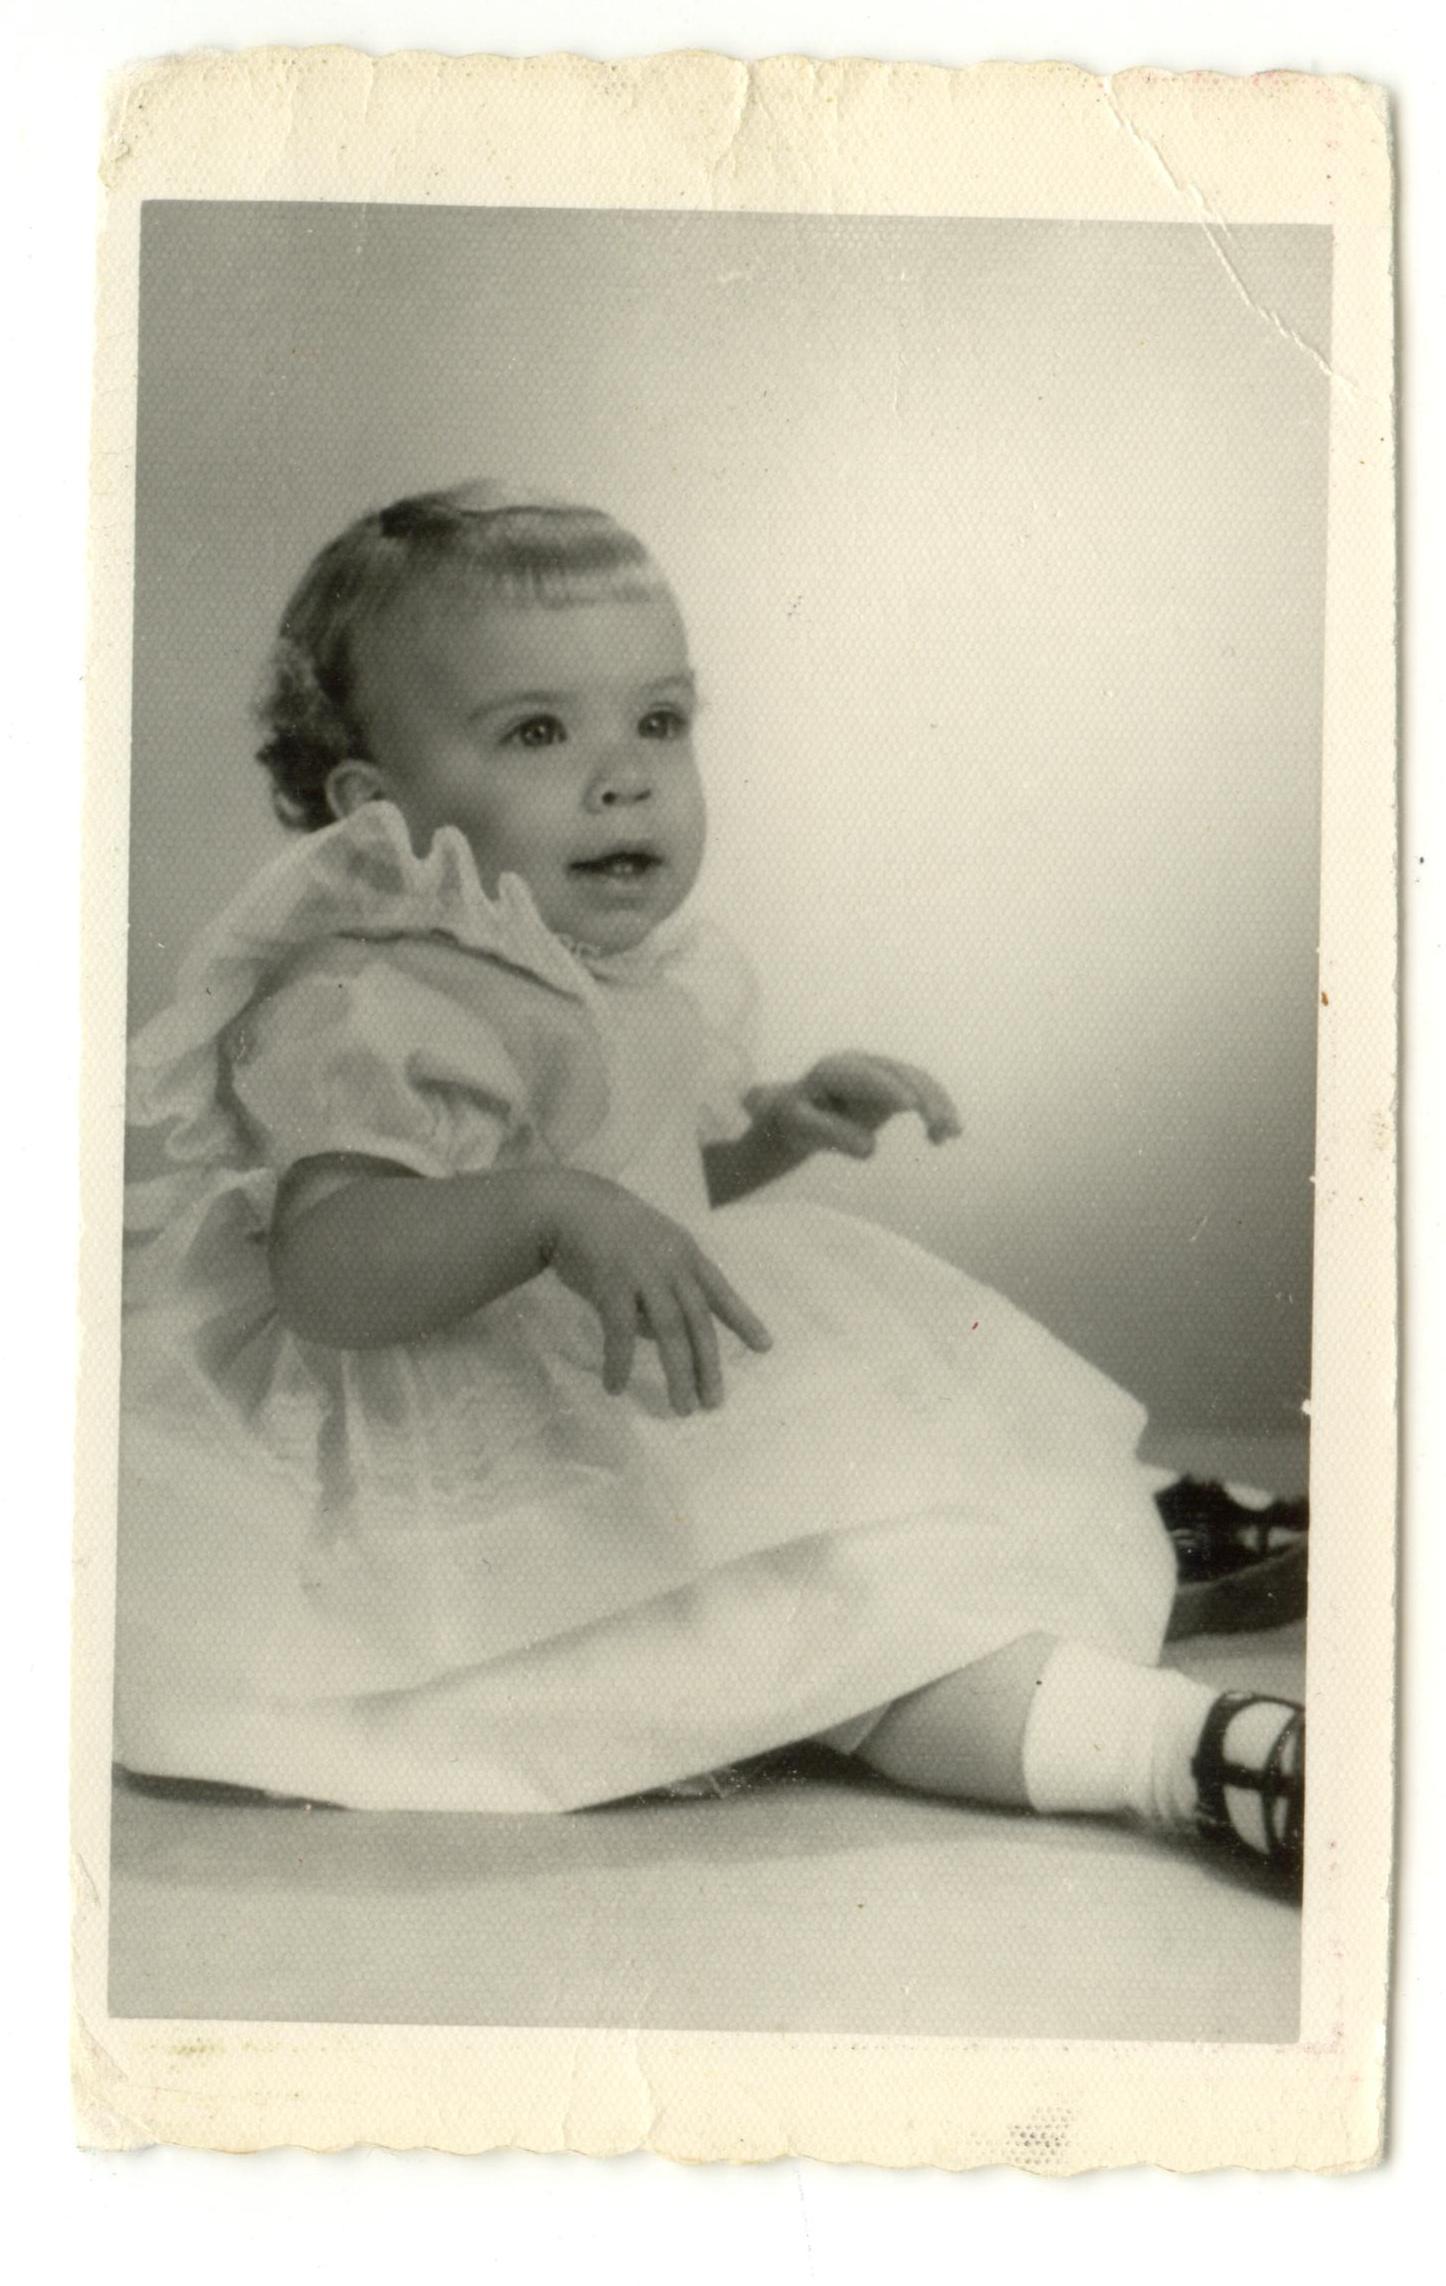 baby-photo.JPG